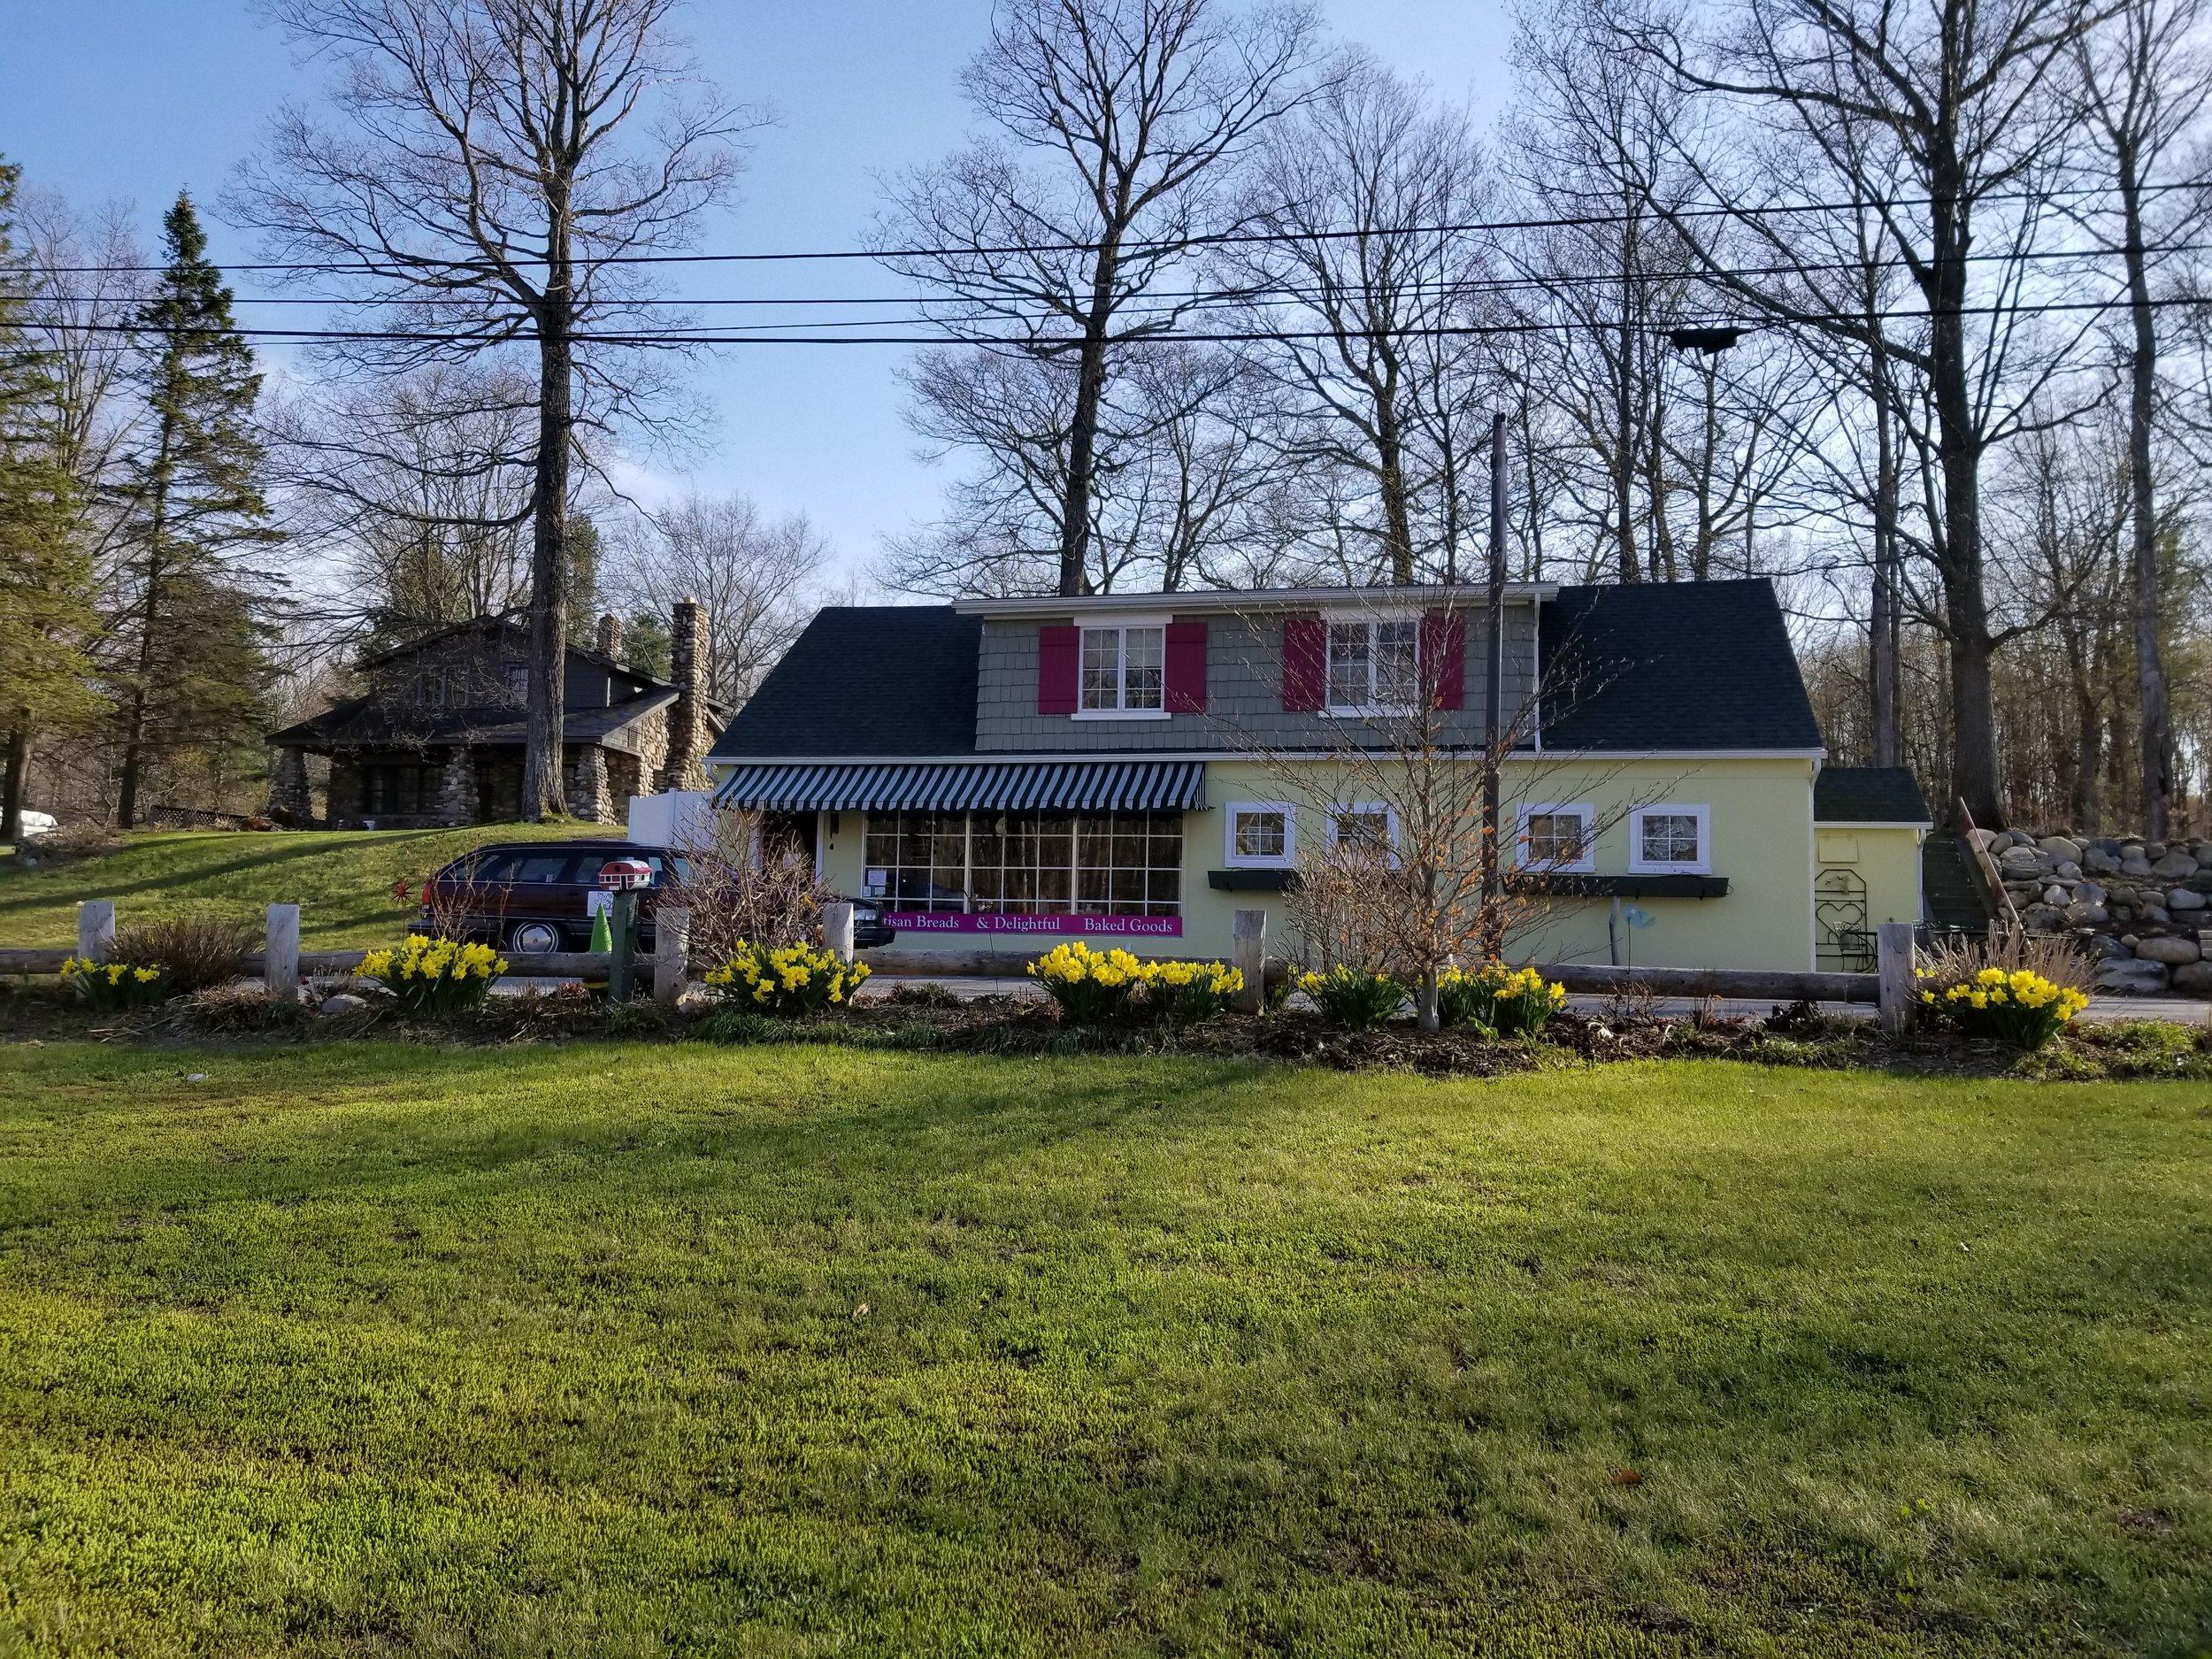 Three Heart Bakery - 5576 US 23 NorthRogers City, MI 49779(989) 734-0295